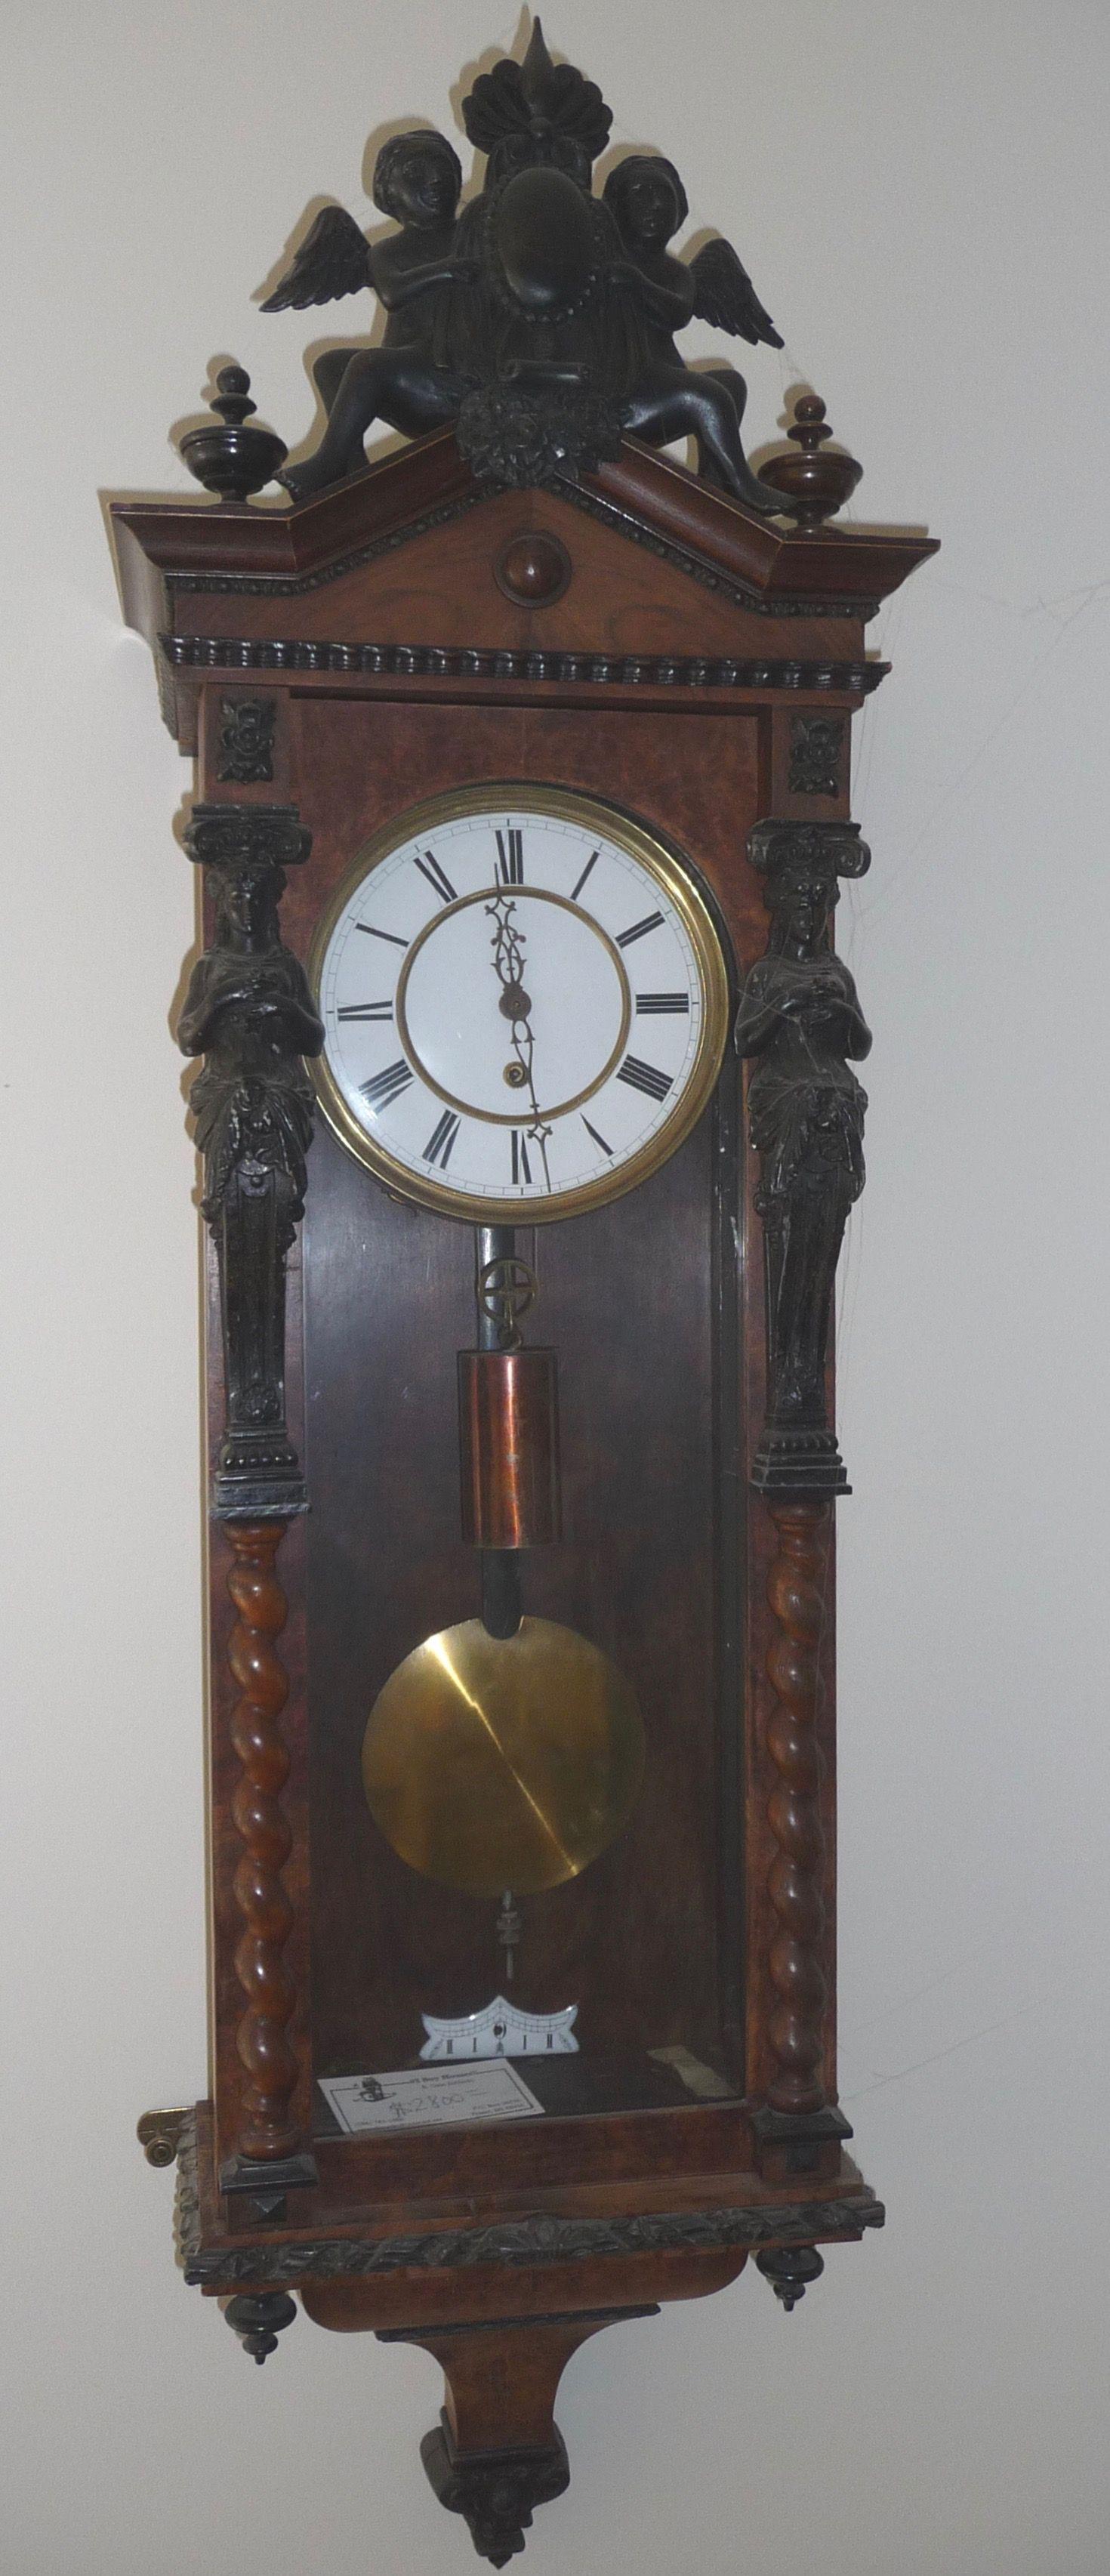 Lenzkirch 1 Weight Regulator Wall Clock At Antique